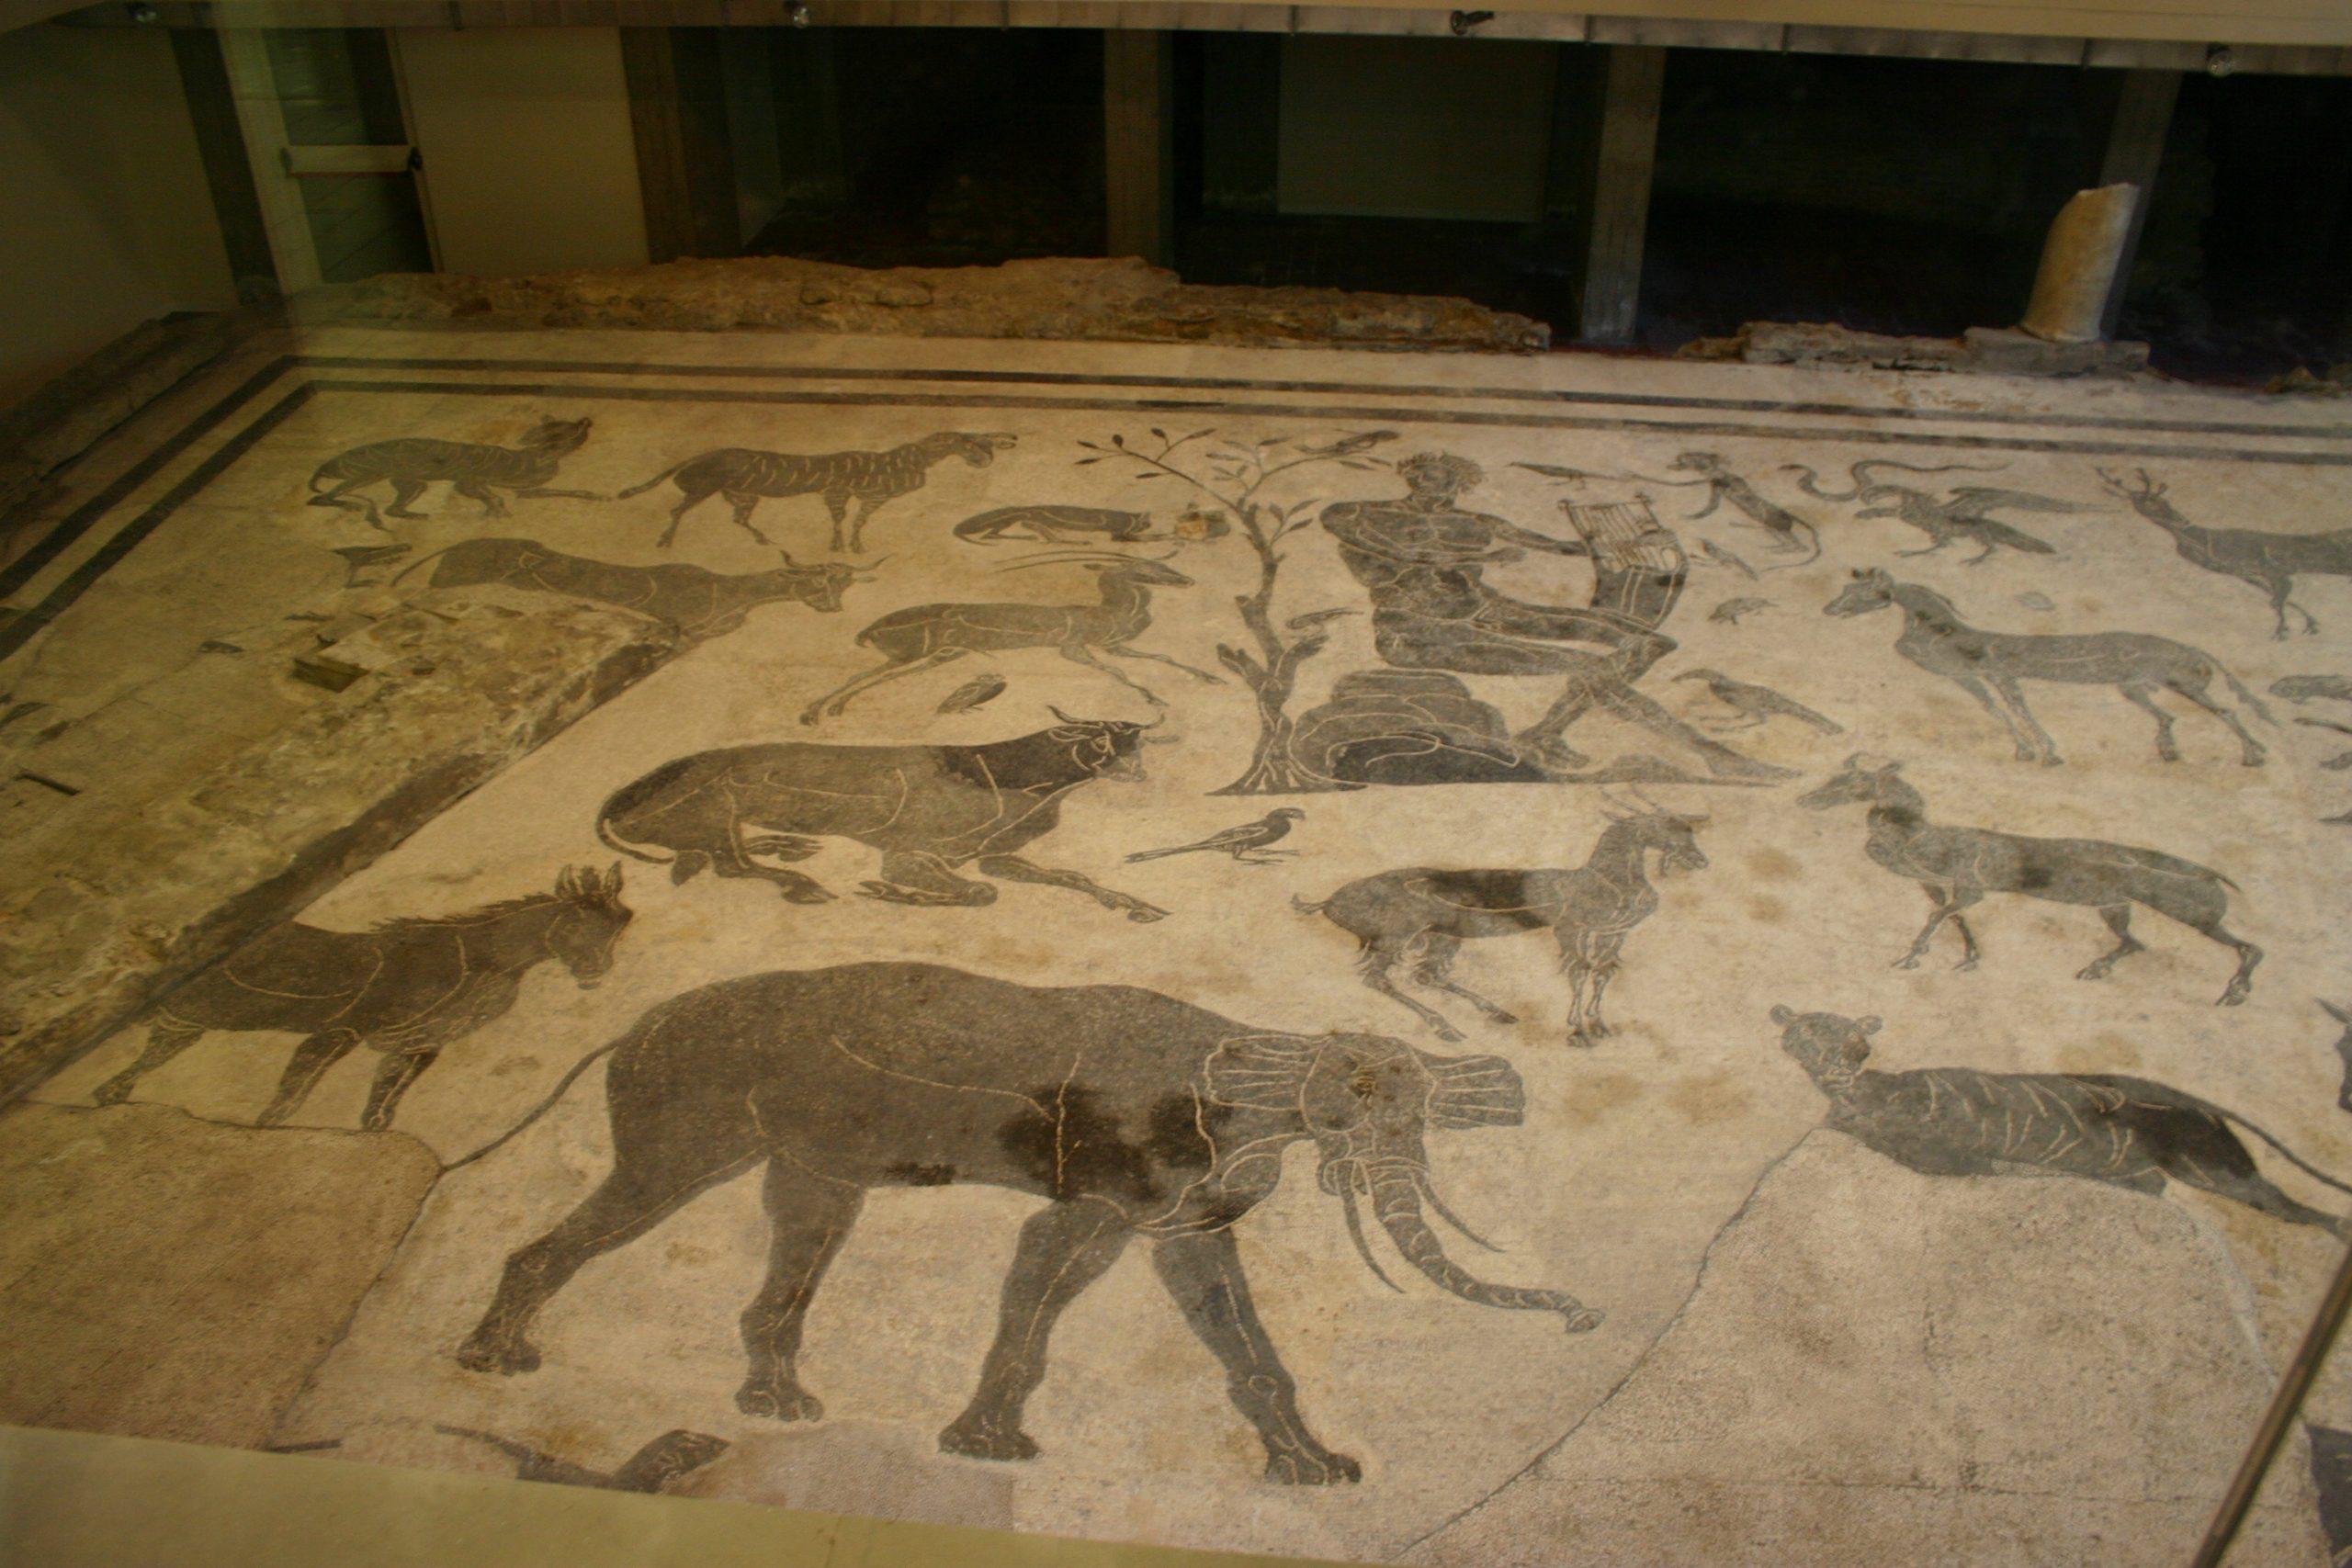 Il mosaico romano di Santa Elisabetta a Perugia: un tesoro ancora poco noto